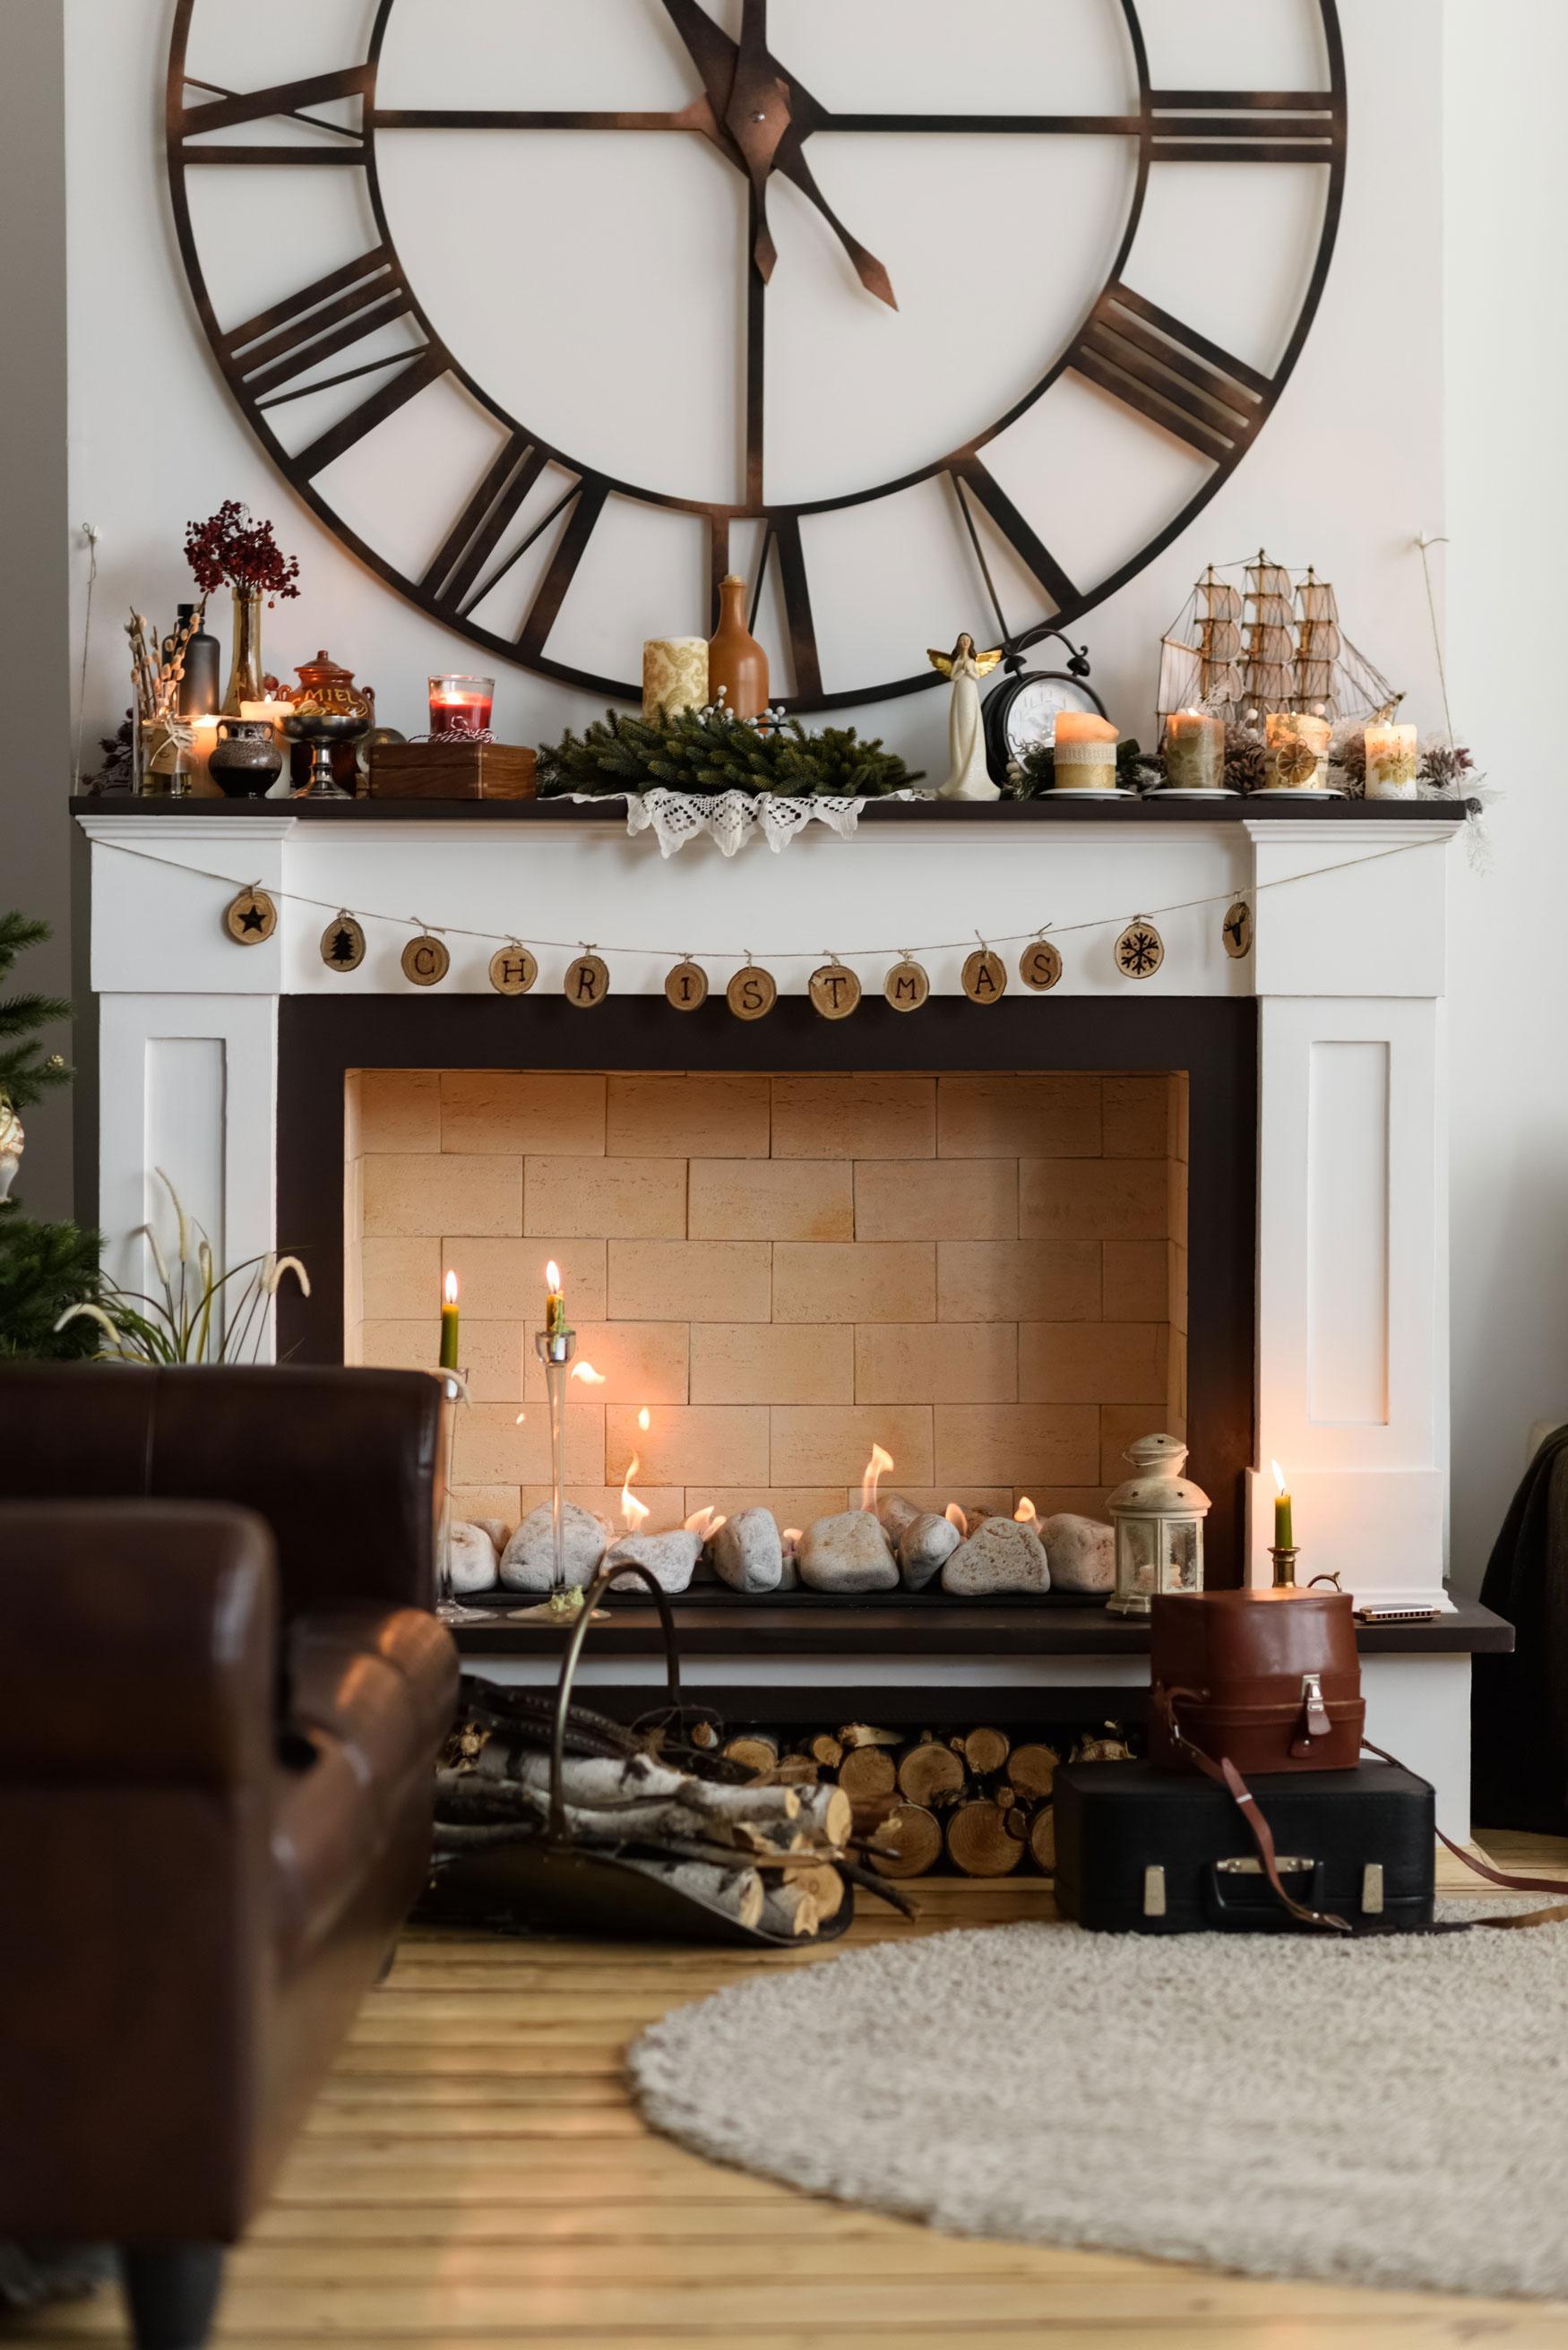 Primitive Home Decor Ideas Under 2000 Cute Insides